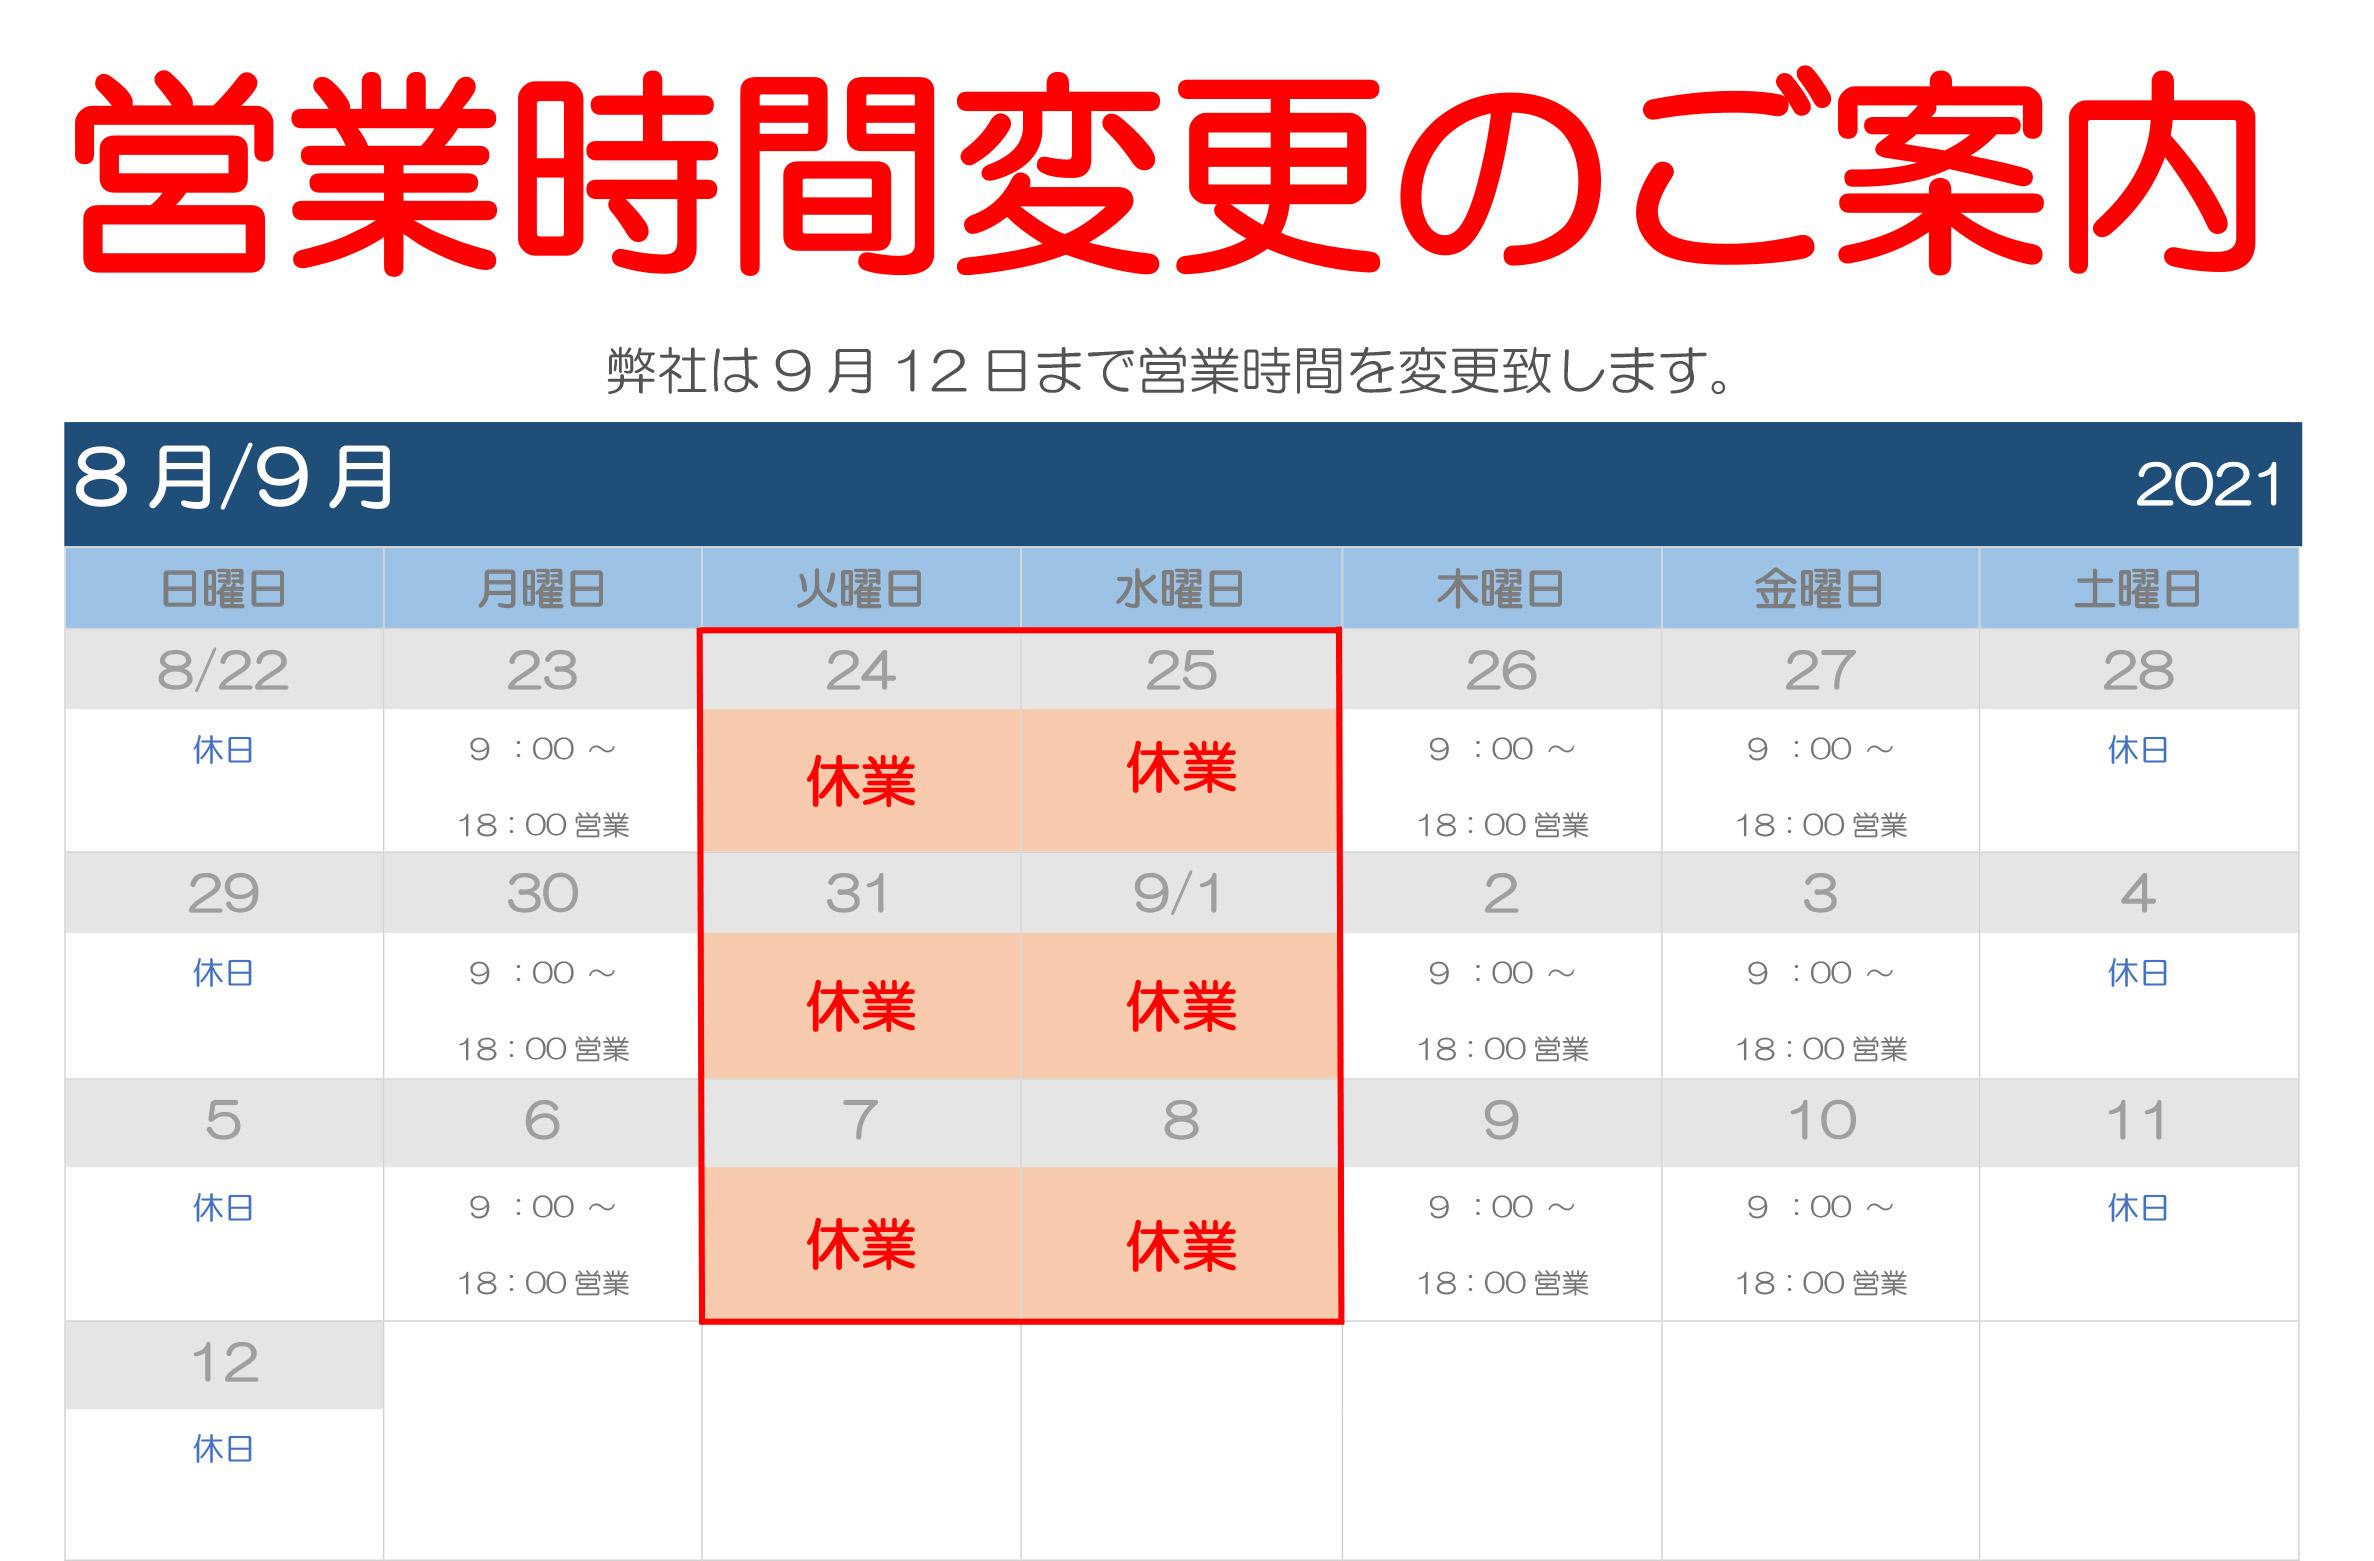 8月20日付緊急事態宣言による営業時間変更のご案内